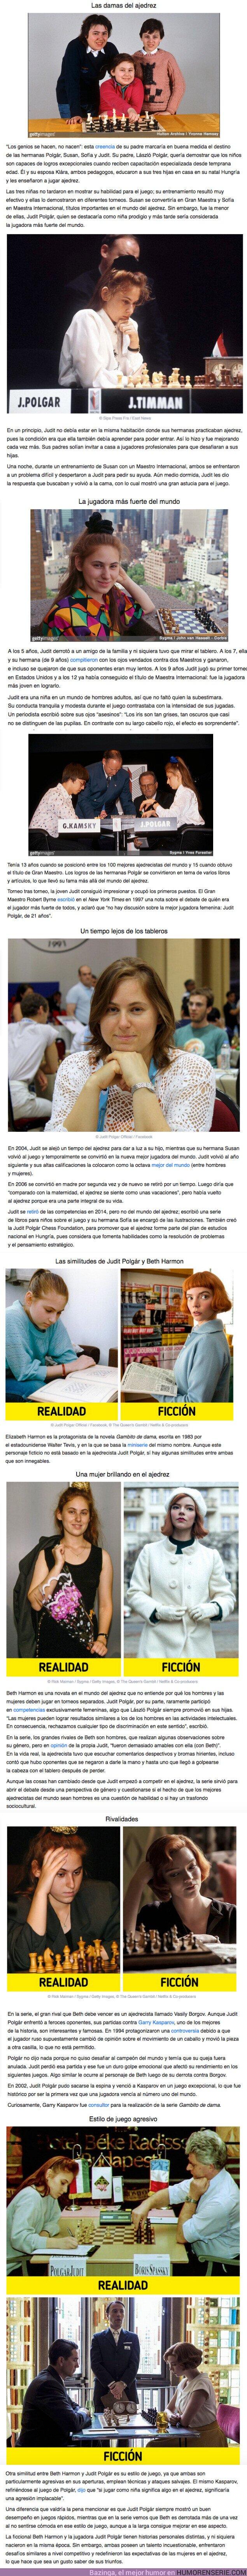 """62373 - GALERÍA: Quién es Judit Polgár, la ajedrecista con una historia similar a la de la protagonista de """"Gambito de dama"""""""